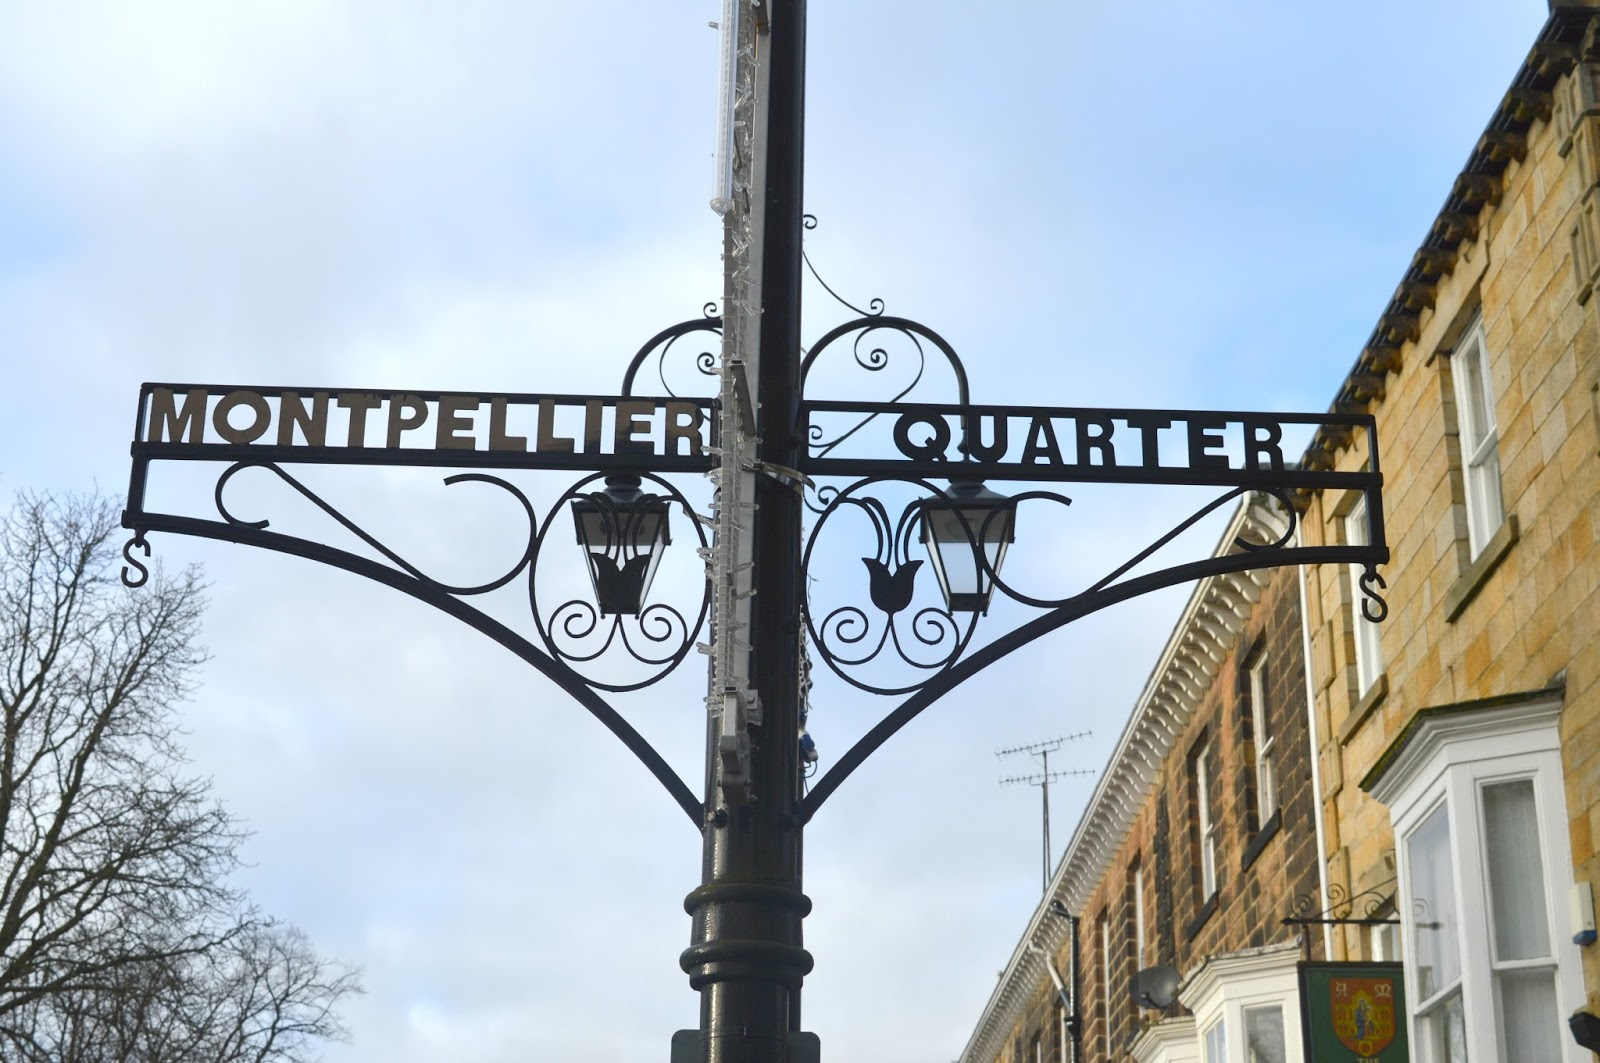 A Weekend in Harrogate - Montpellier Hill